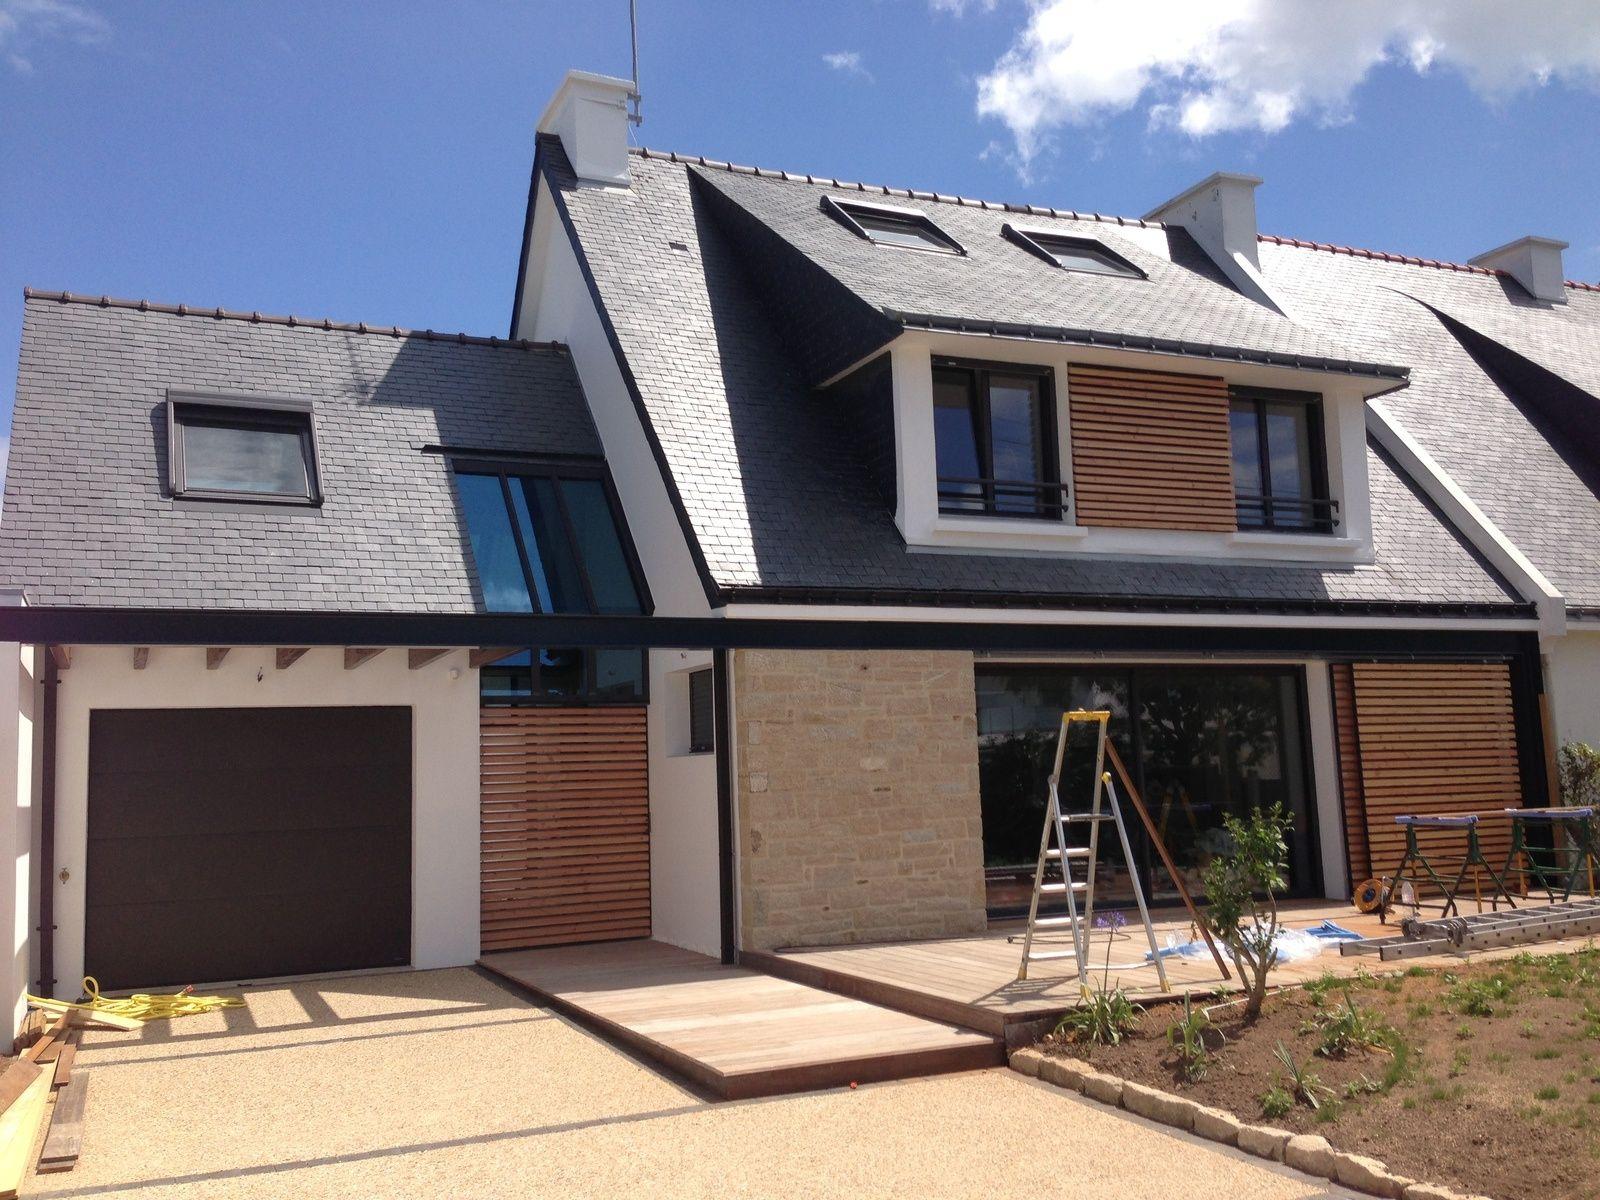 Agrandissement Maison Néo Bretonne image result for extension maison néo-bretonne | maison